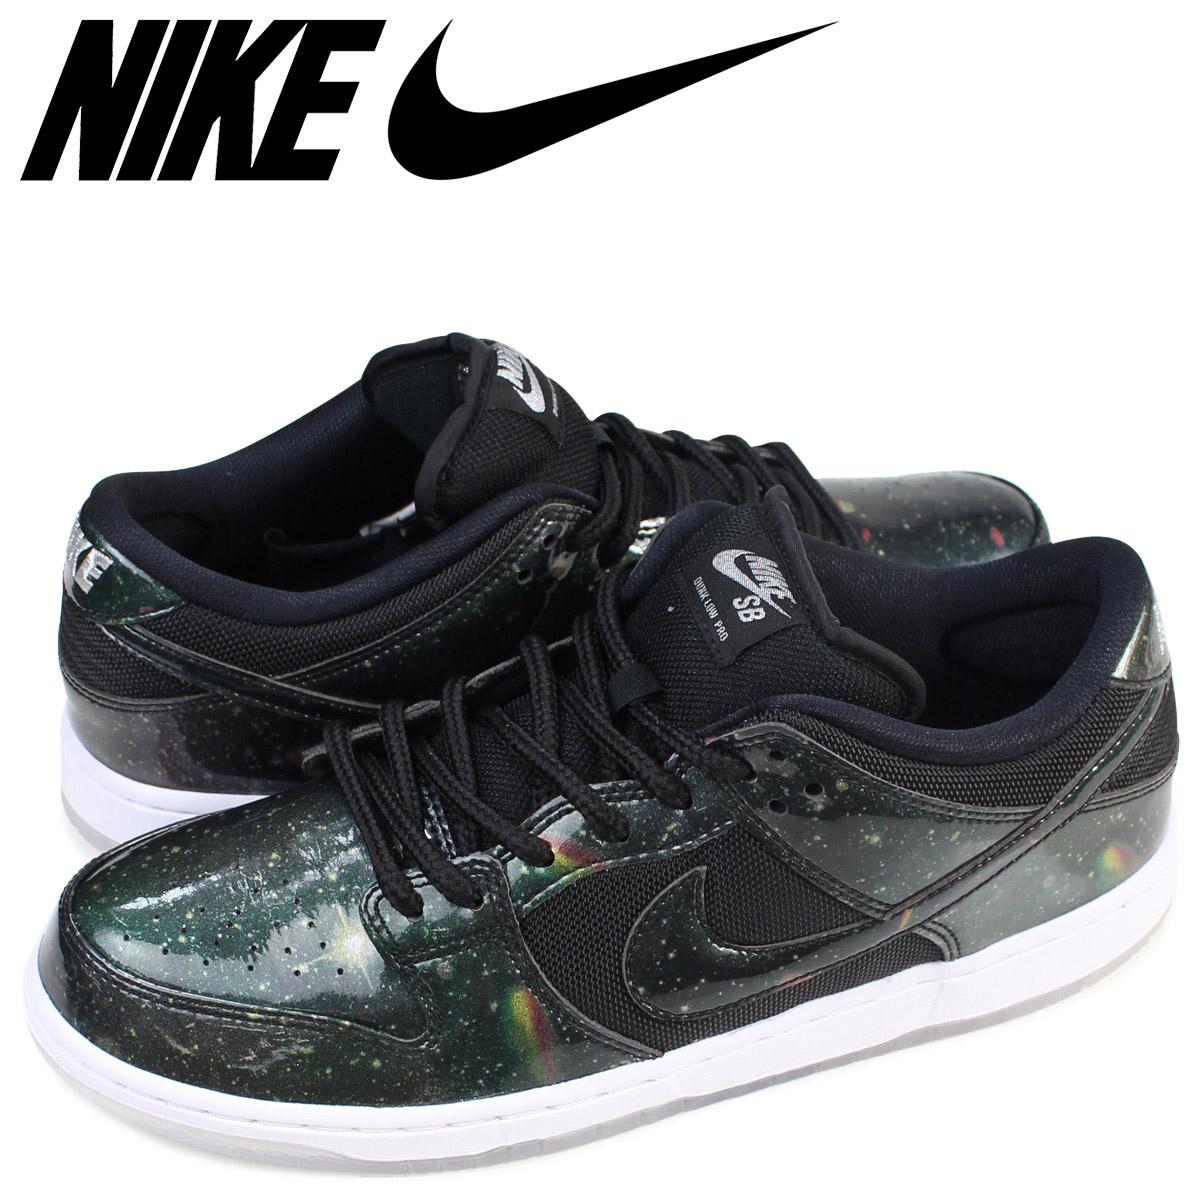 huge discount bf0e4 203f2 Sugar Online Shop  Nike NIKE dunk SB sneakers DUNK LOW TRD QS GALAXY  883,232-001 men s shoes black   Rakuten Global Market